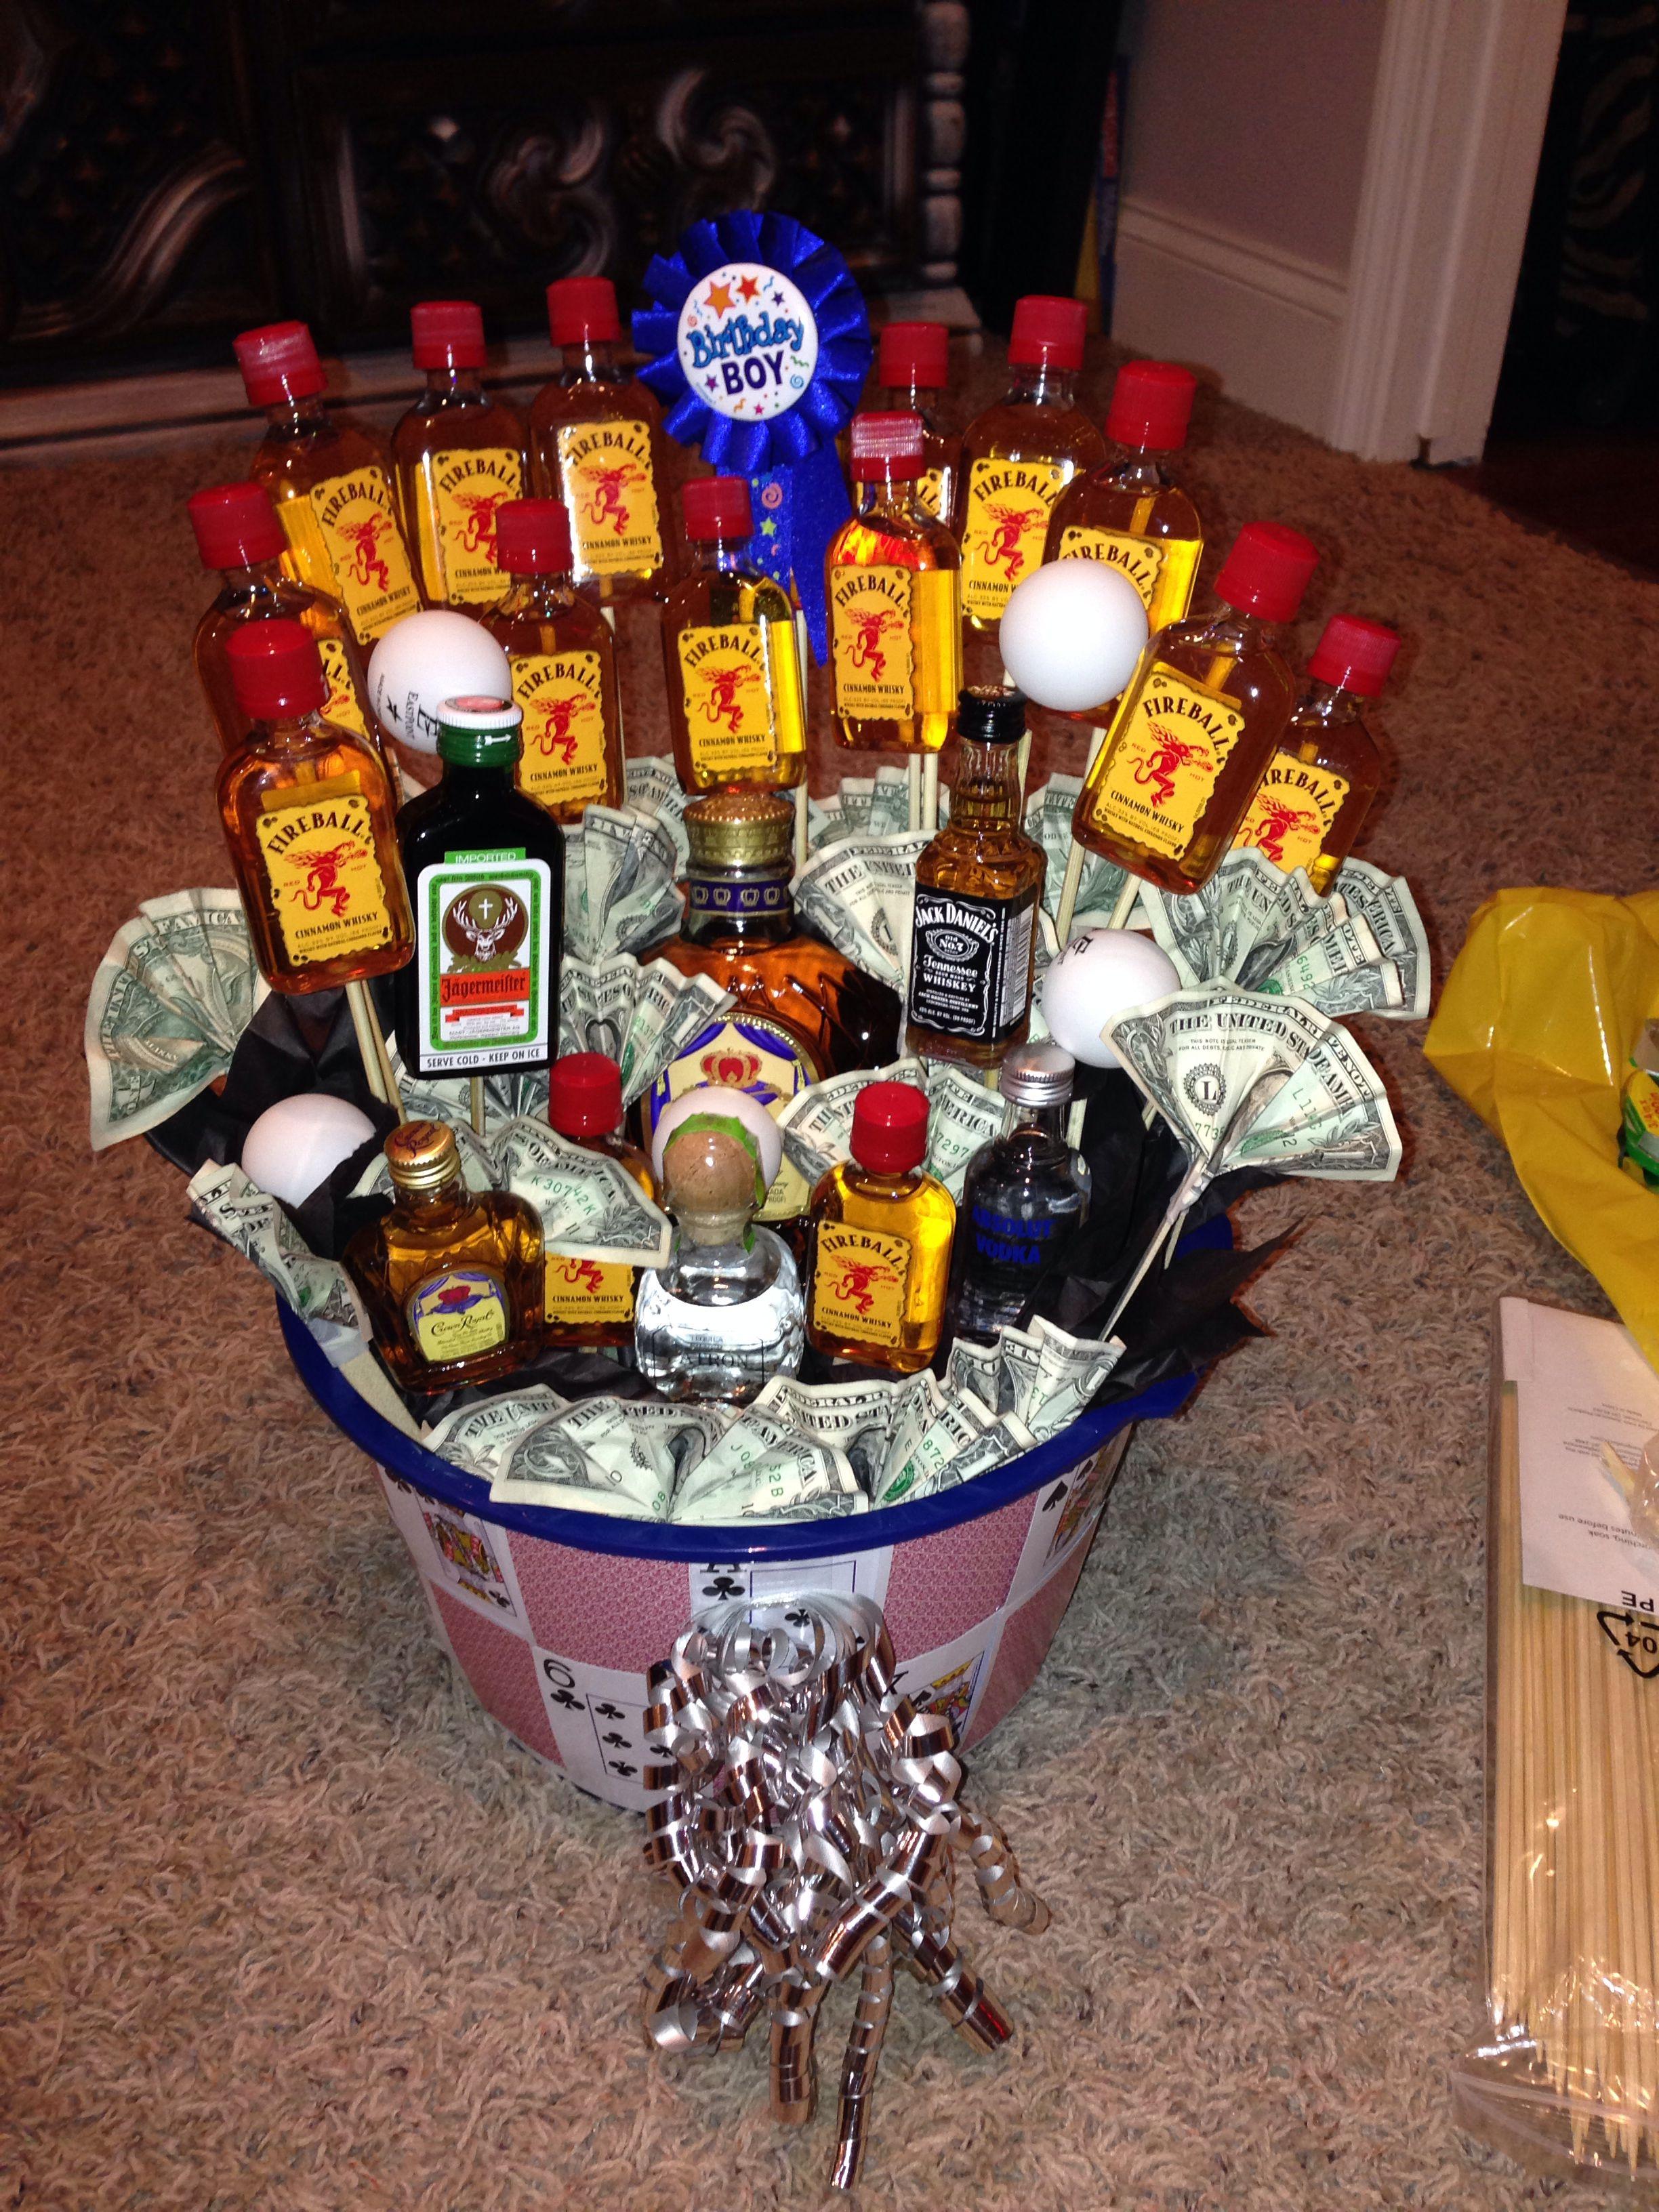 21st Birthday Basket For Boyfriend